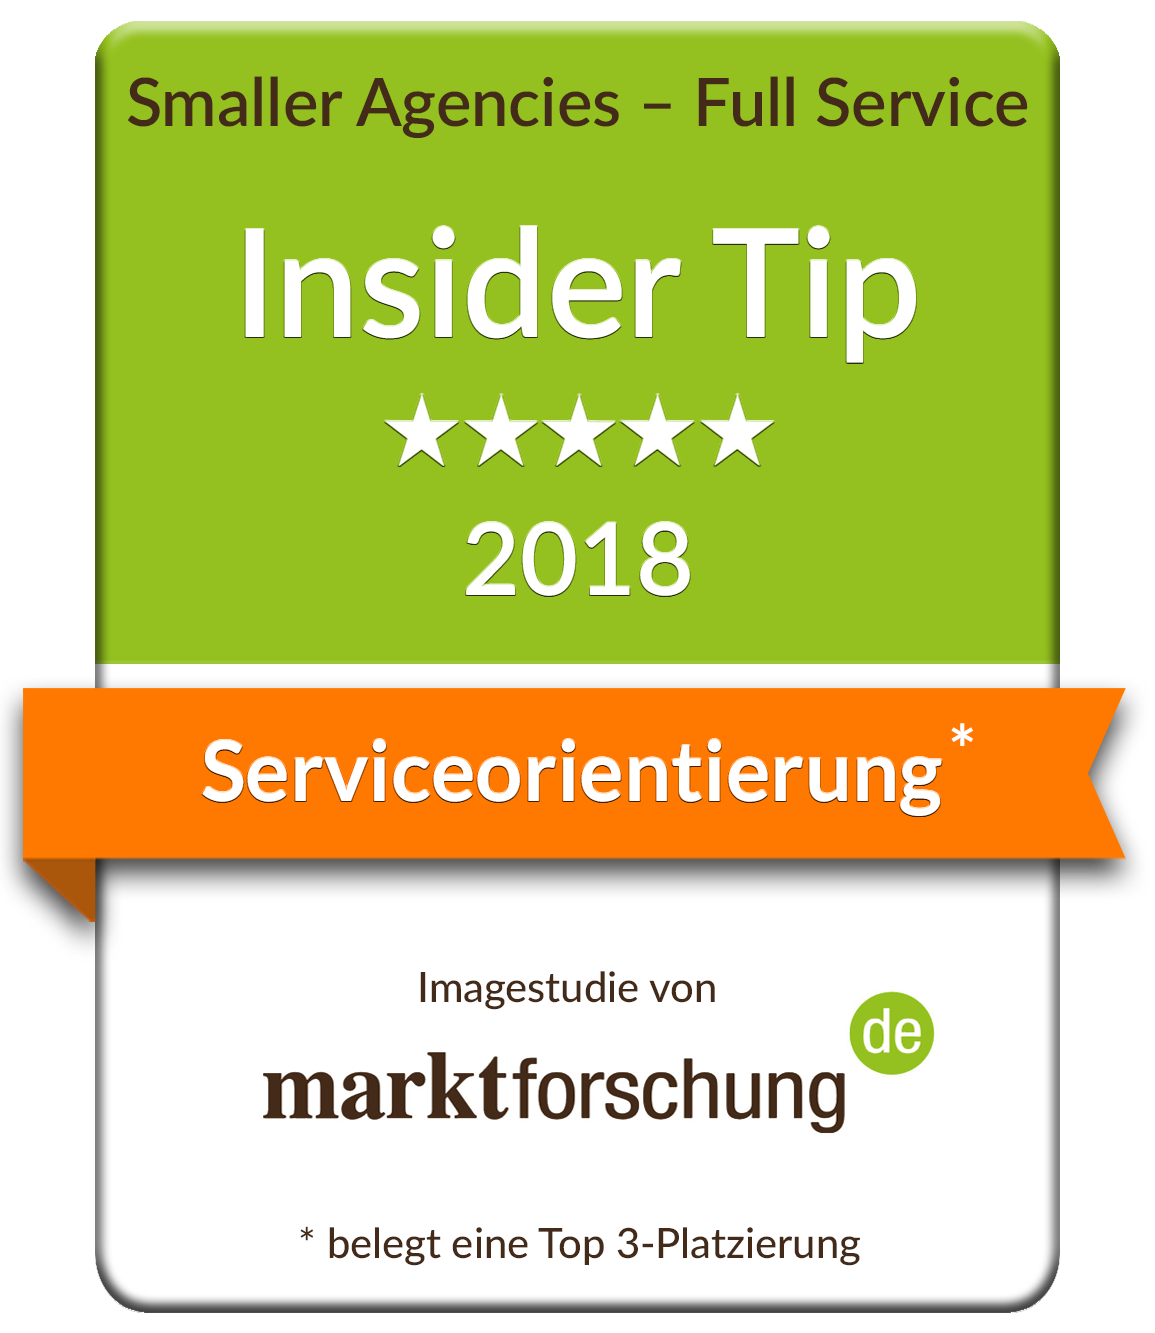 marktforschung.de Serviceorientierung Top 3